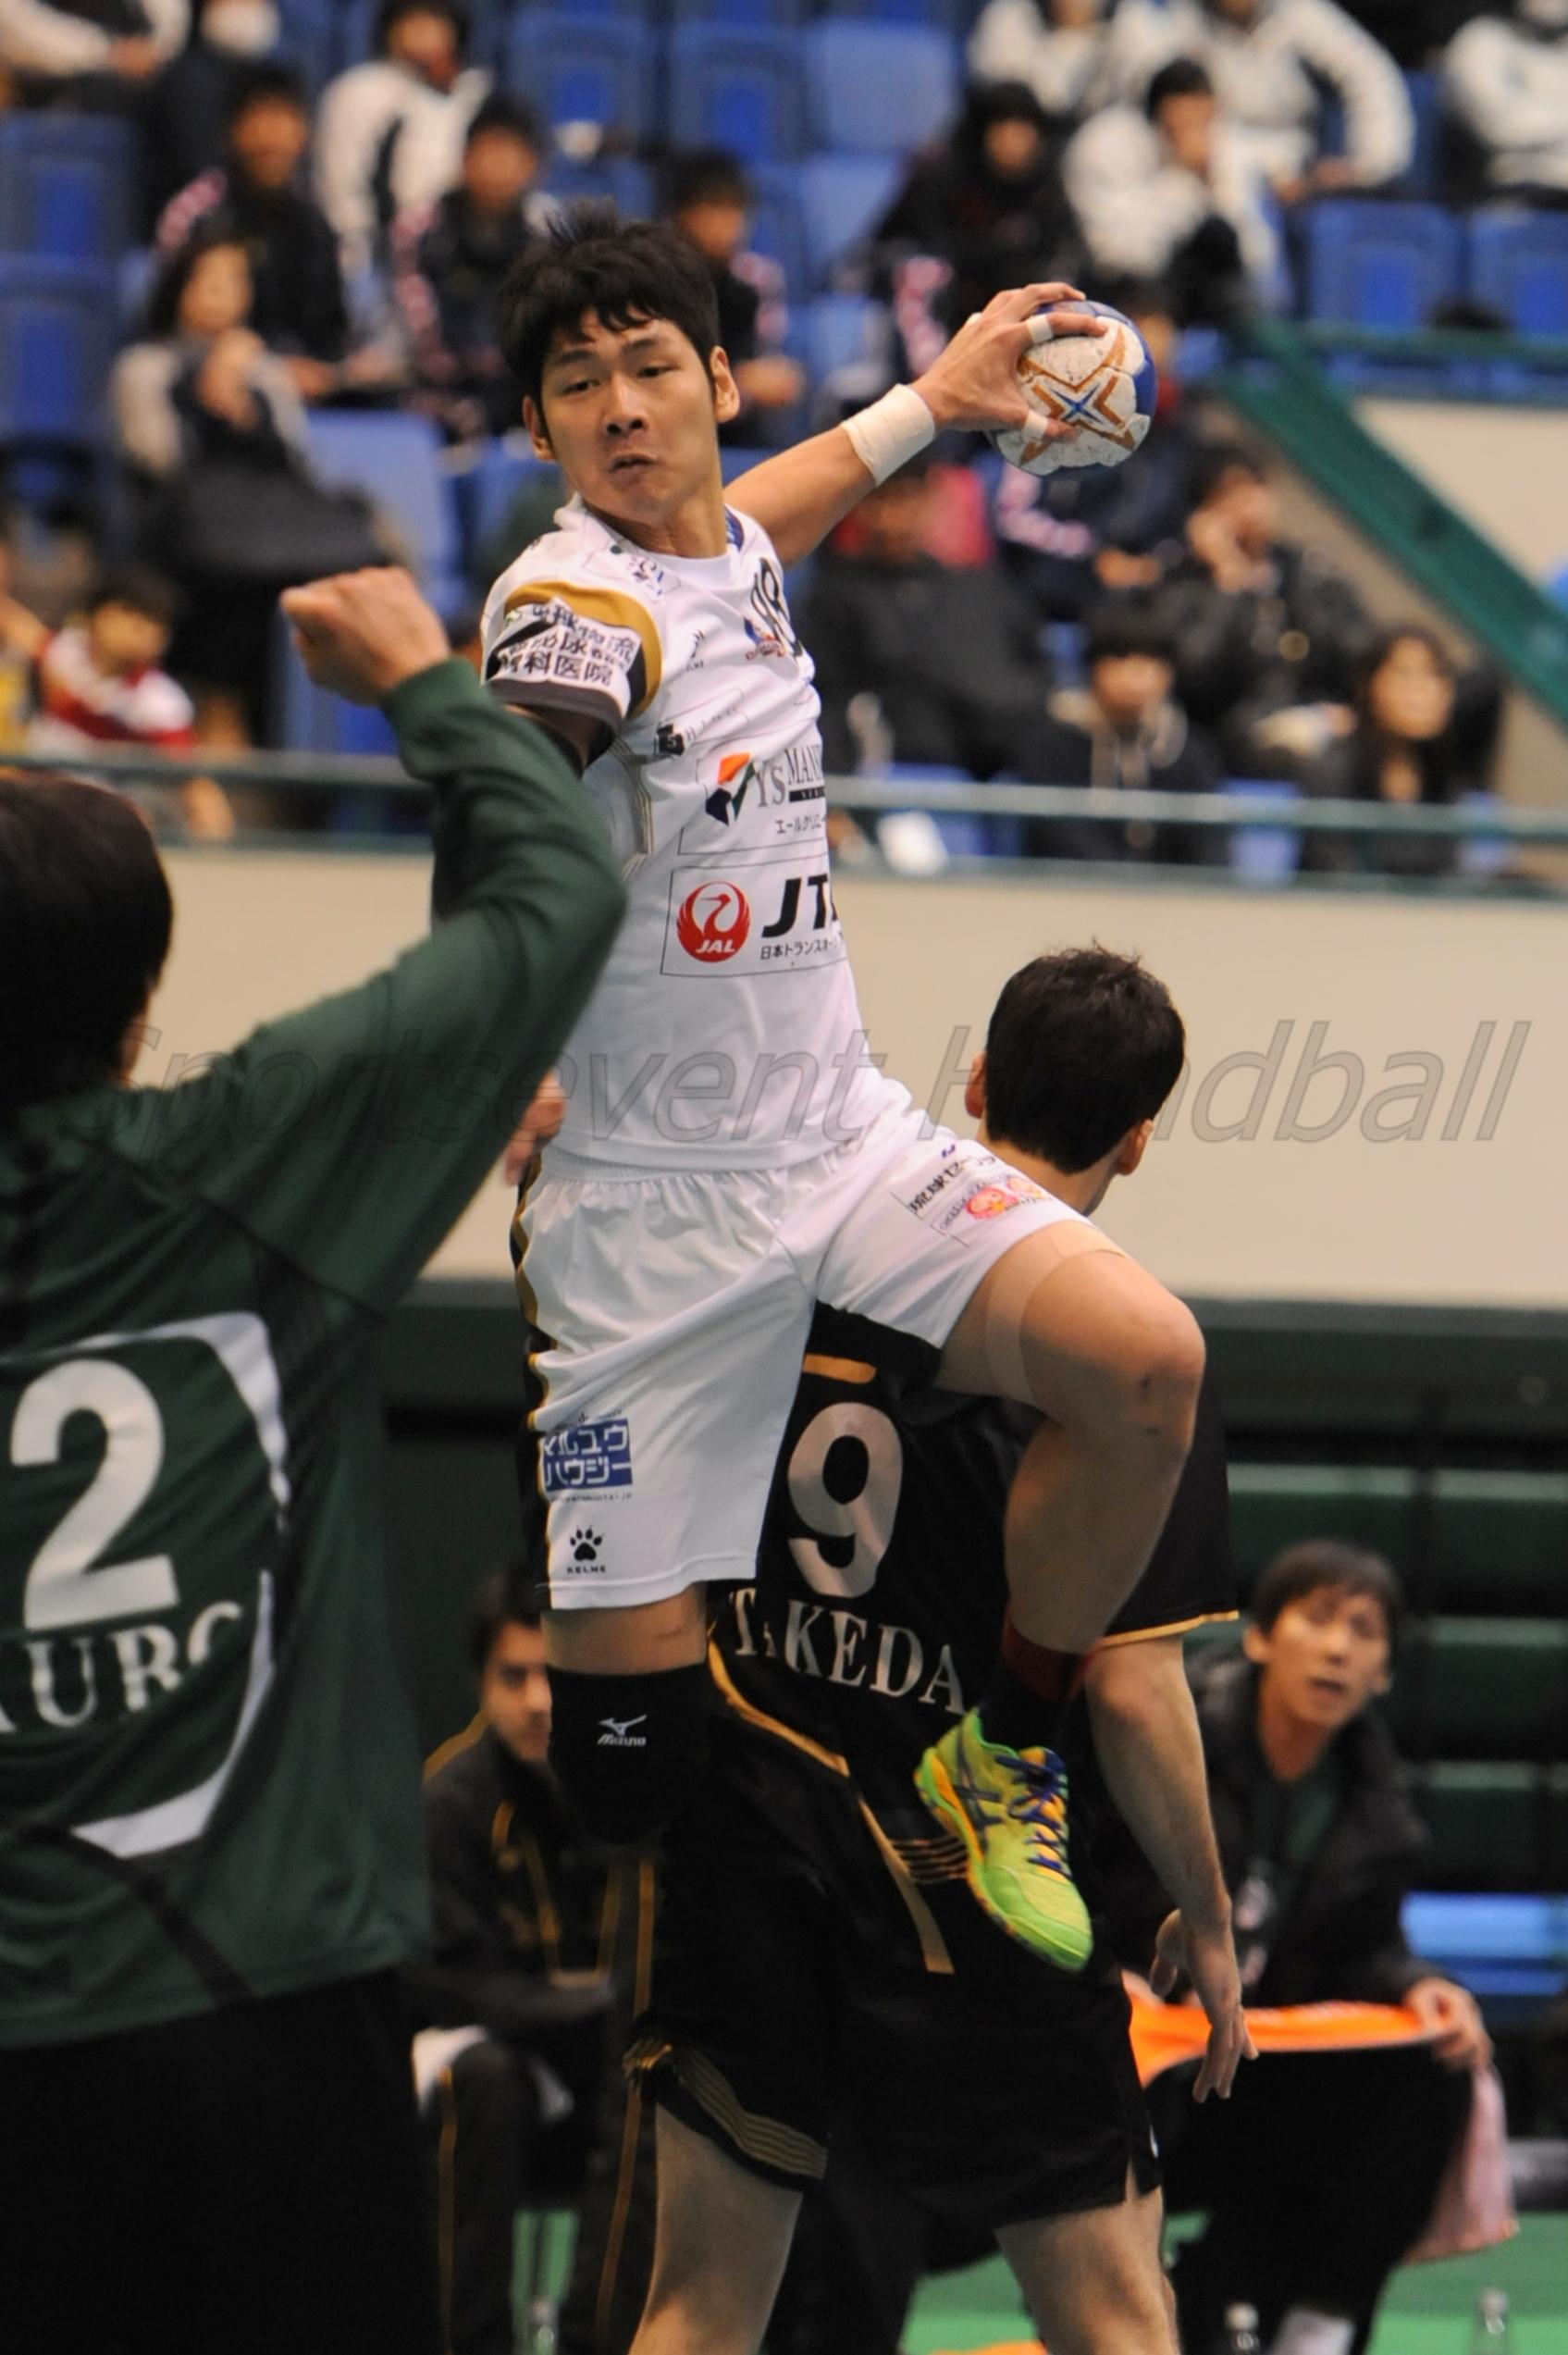 年末の日本選手権で存在感を示した琉球・趙顯章